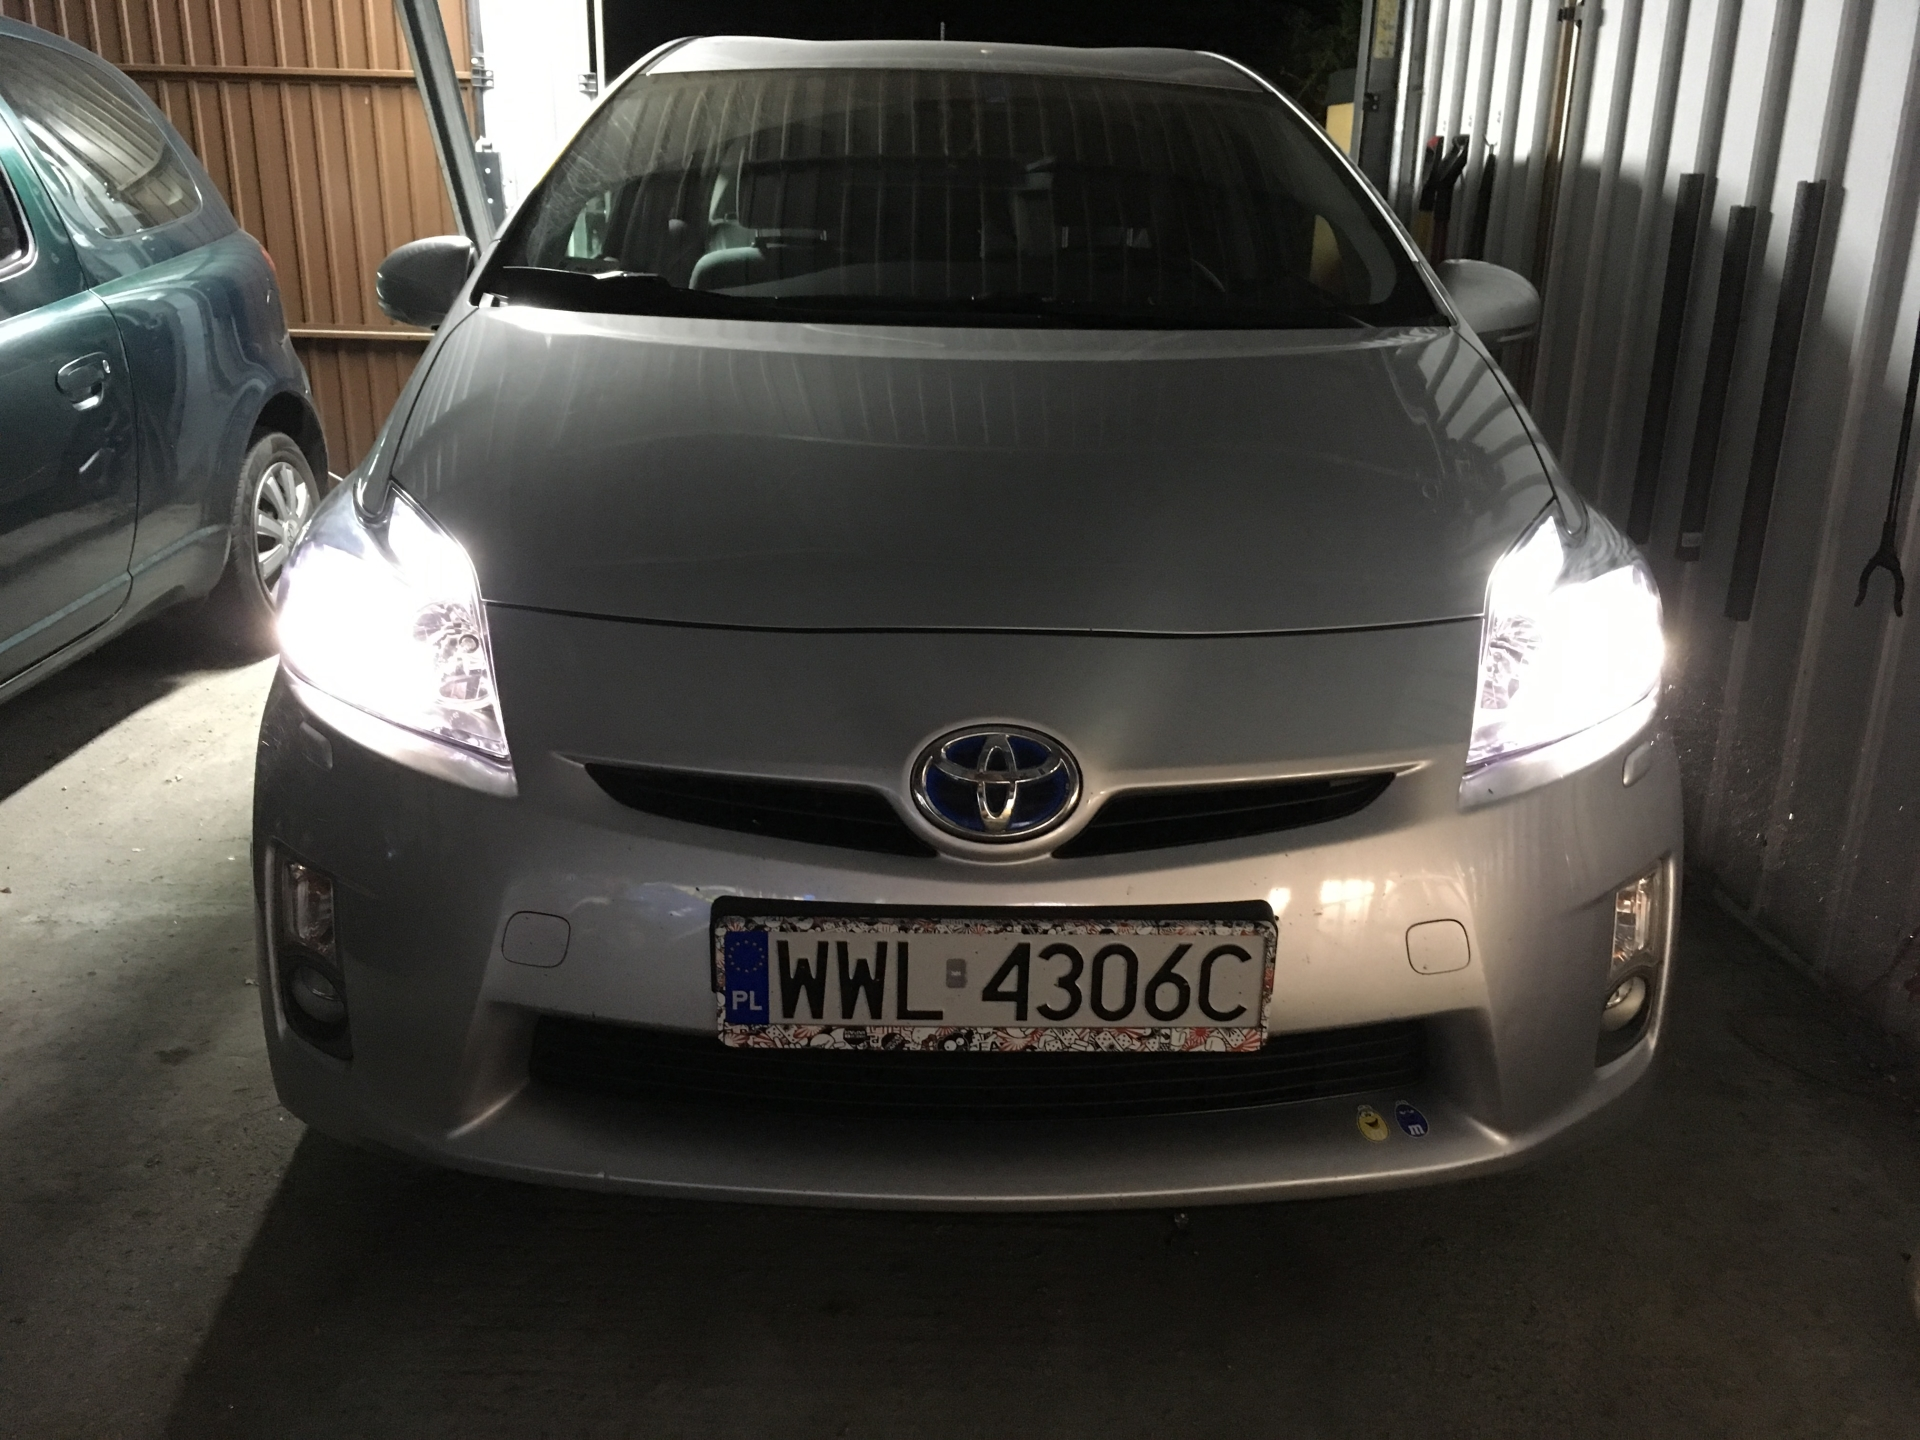 Toyota Klub żarówka Oświetlenia Tablicy Rejestracyjnej Piii